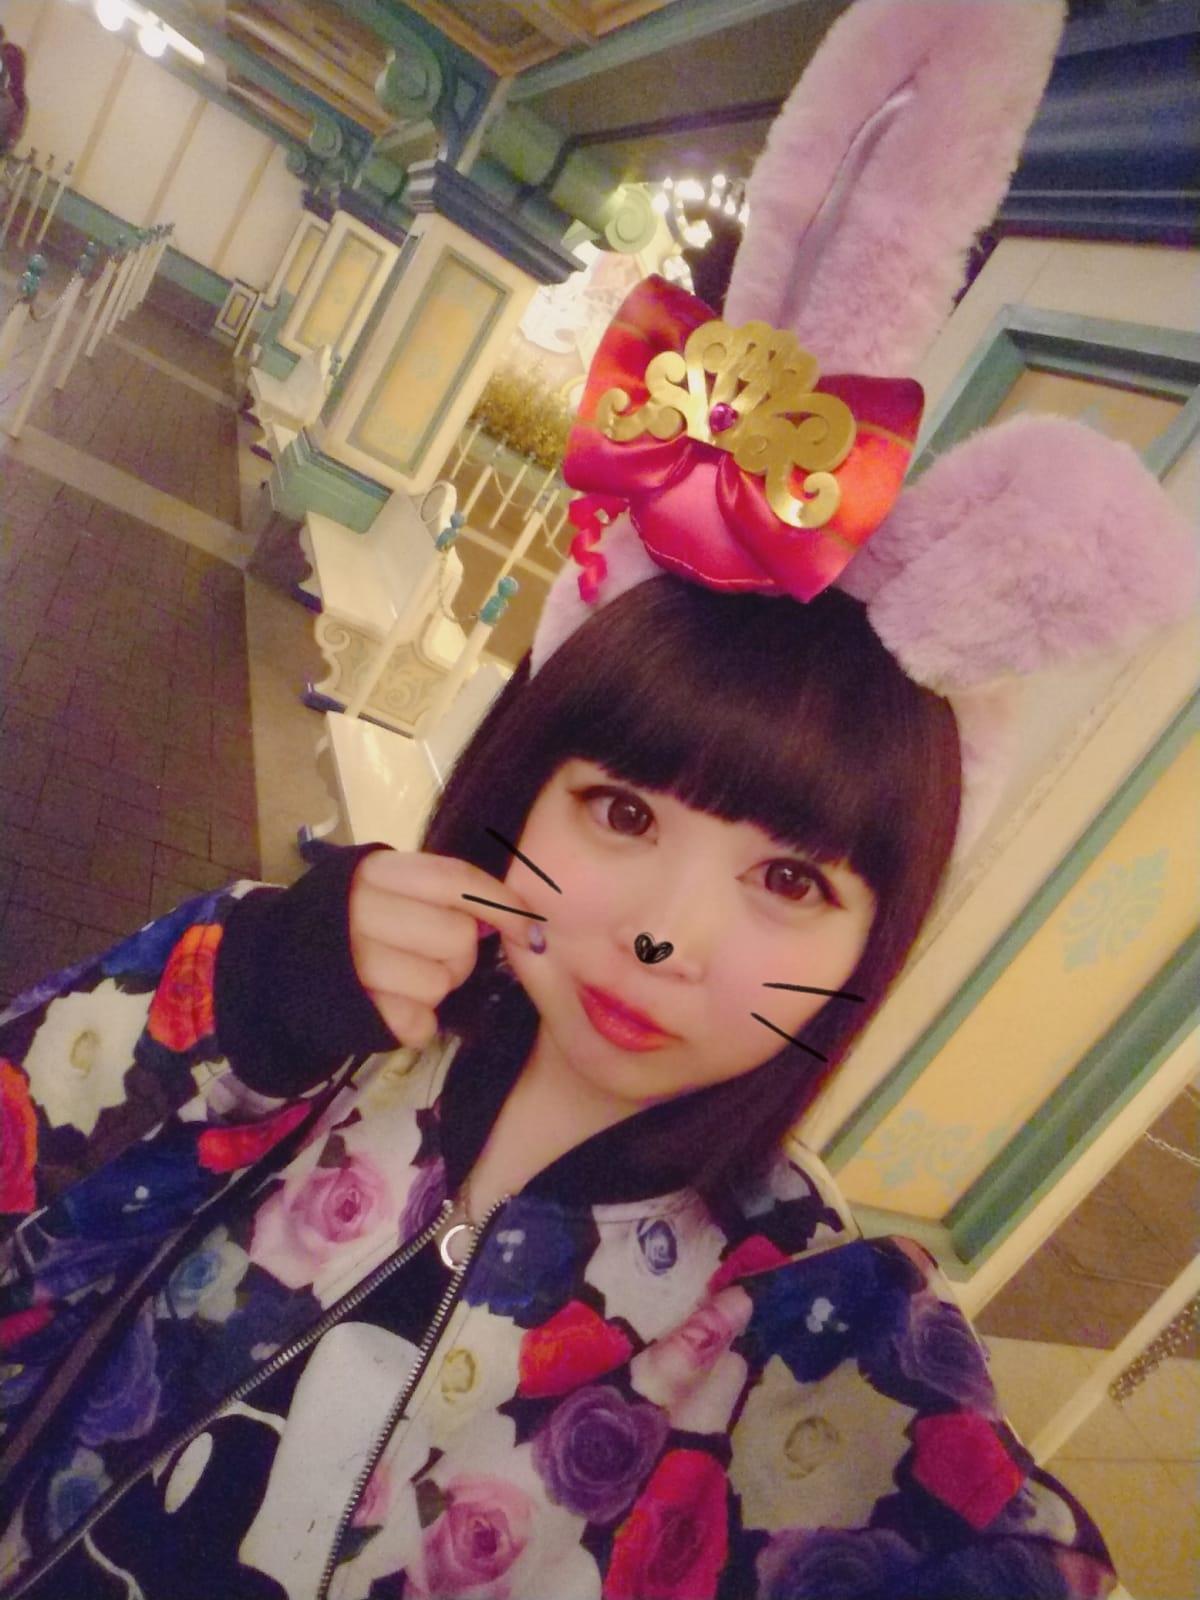 「出勤ー!!」04/14(04/14) 15:55 | 真白ミルクの写メ・風俗動画